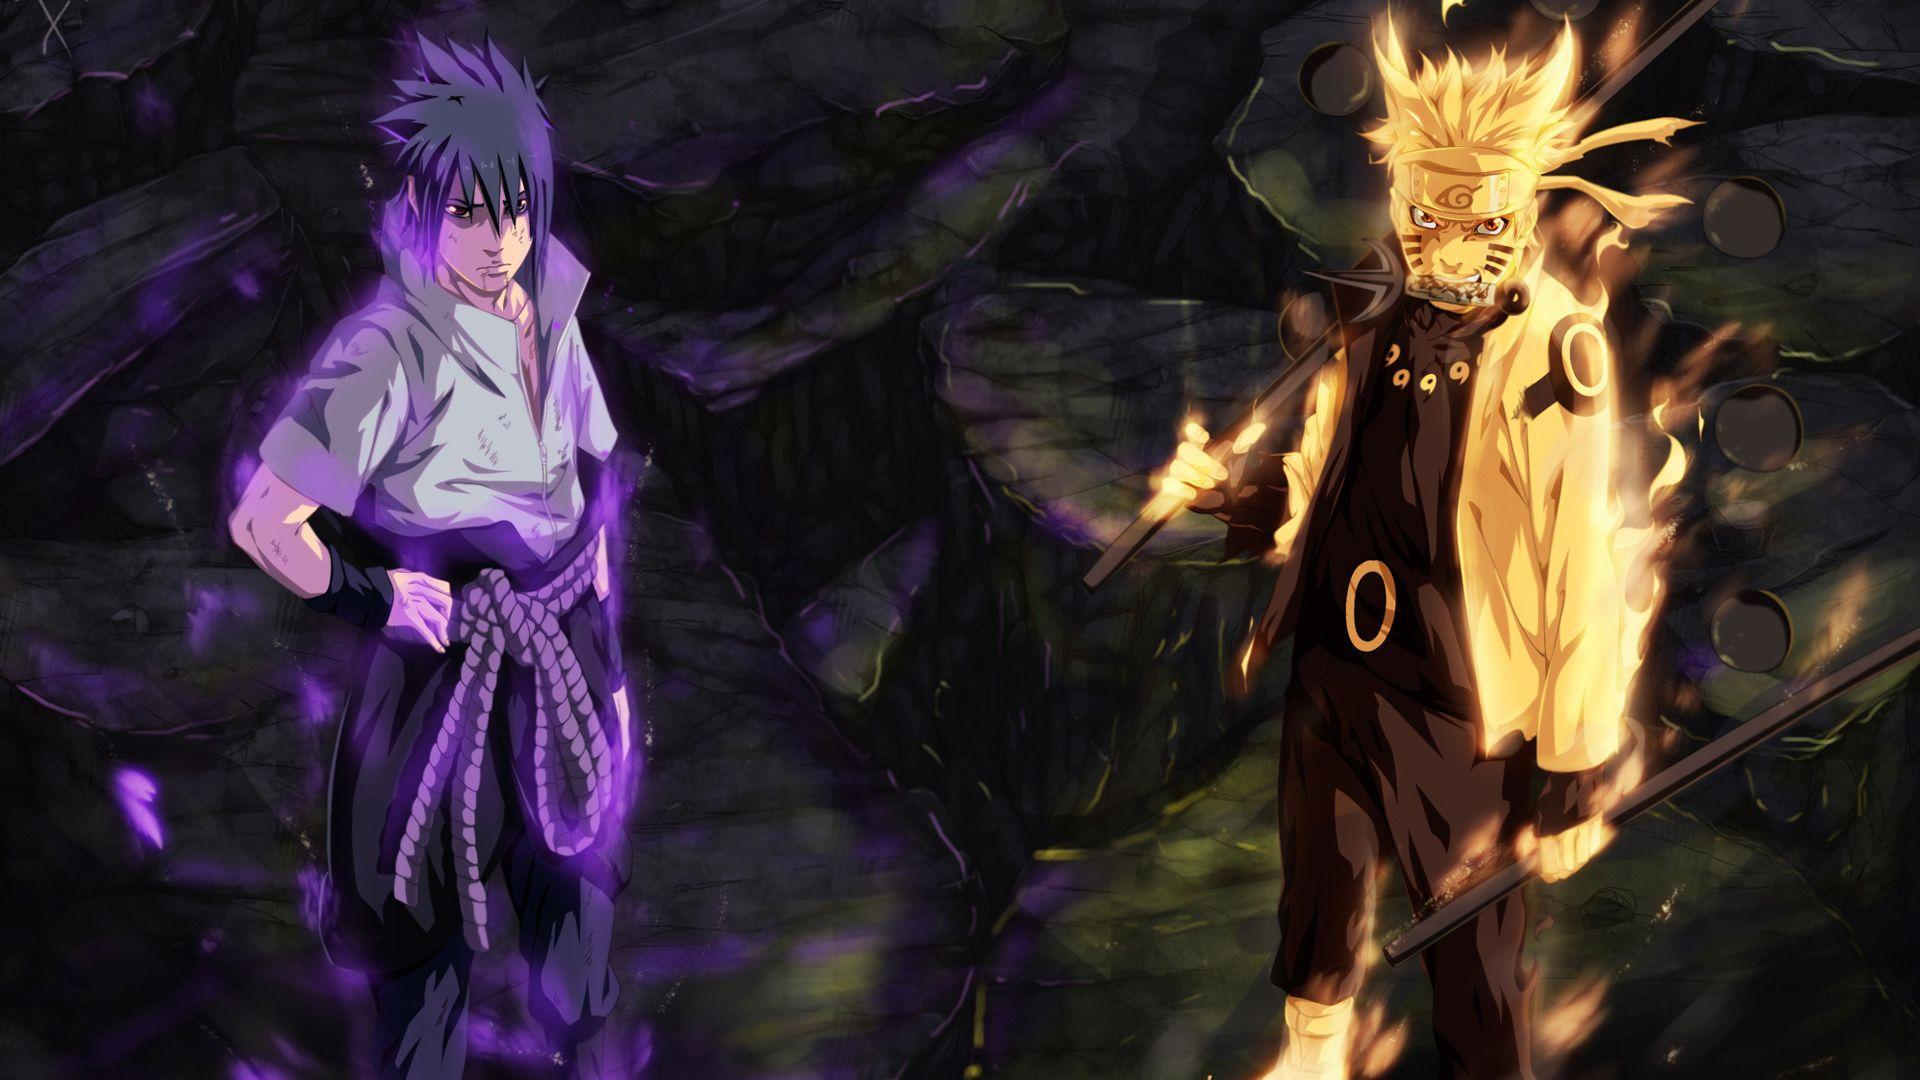 Sasuke's Rinnegan Wallpapers - Wallpaper Cave